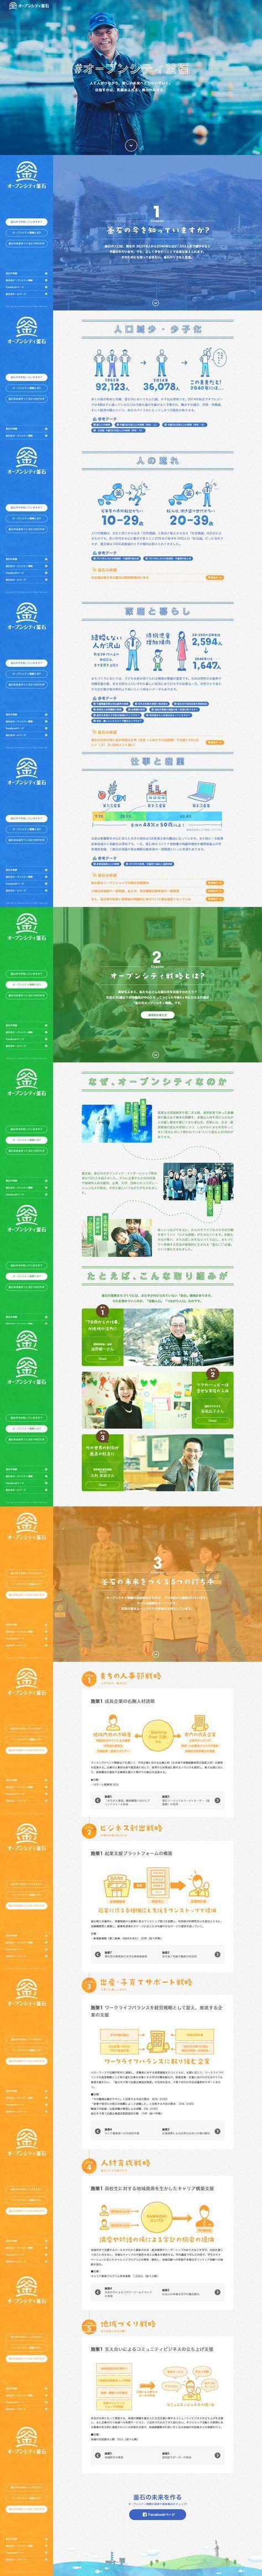 オープンシティ釜石 | http://kamaishi.webcrow.jp/